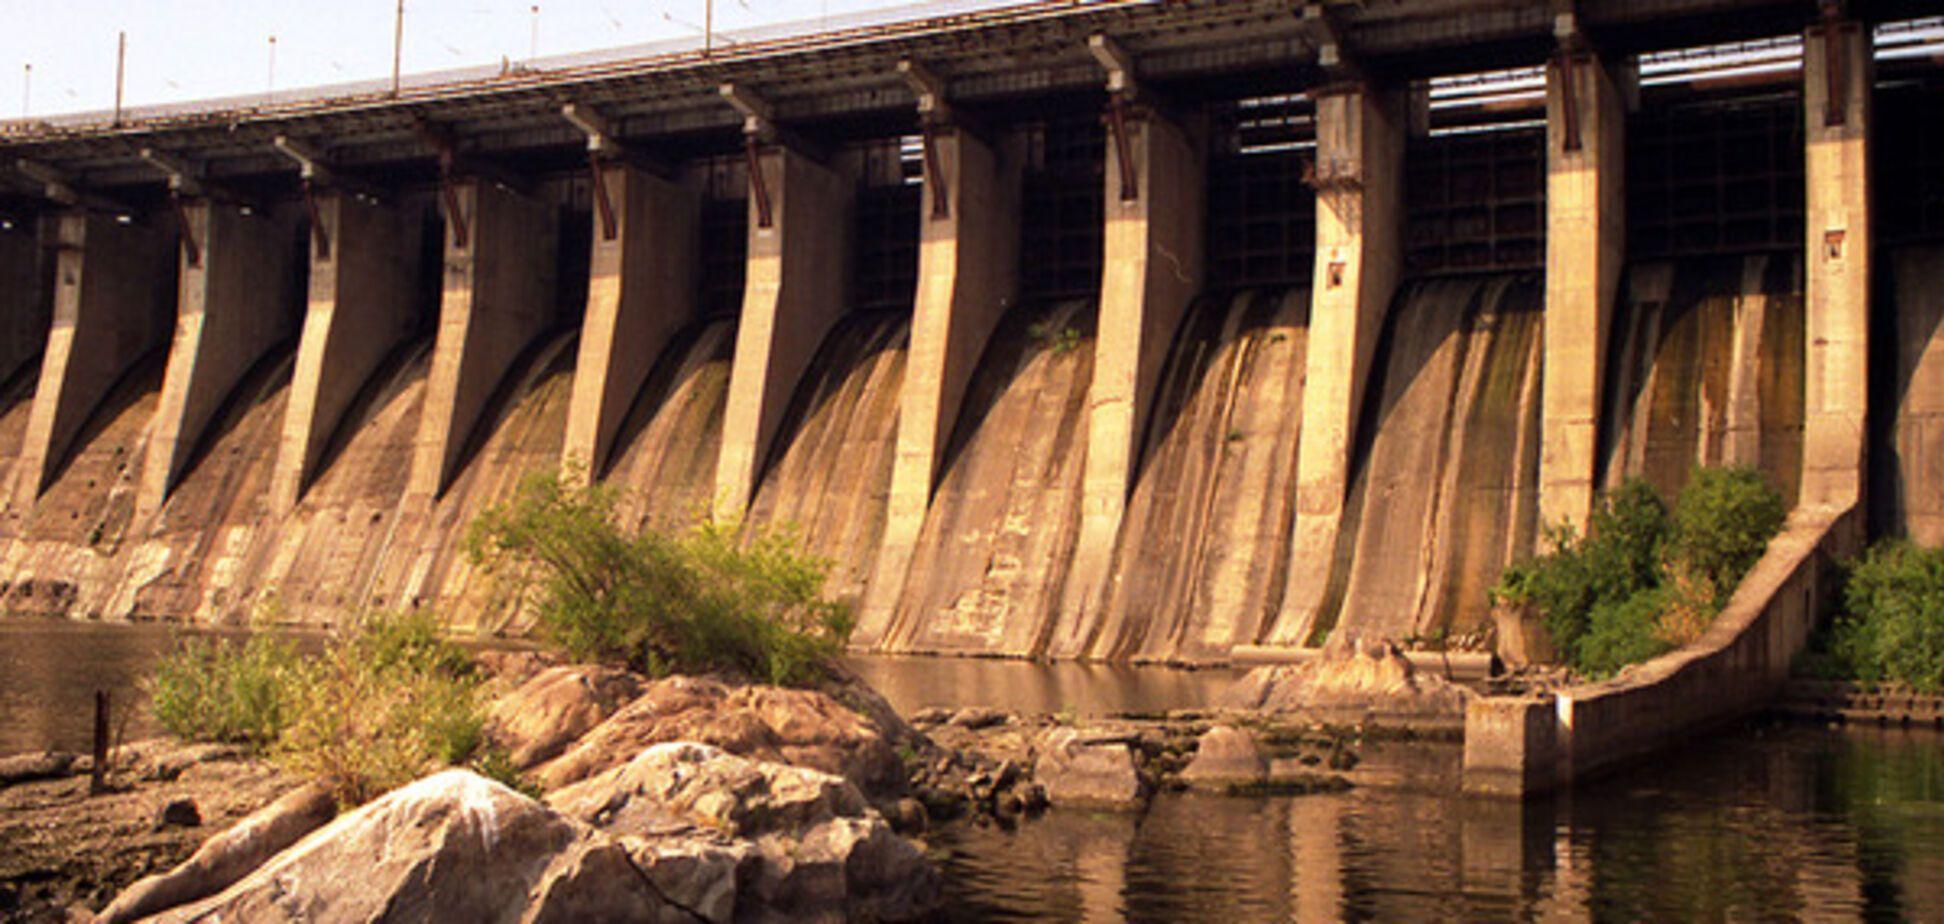 Опасный тренд: в Запорожье патрульные предотвратили очередной суицид на плотине Днепрогэса (ВИДЕО)